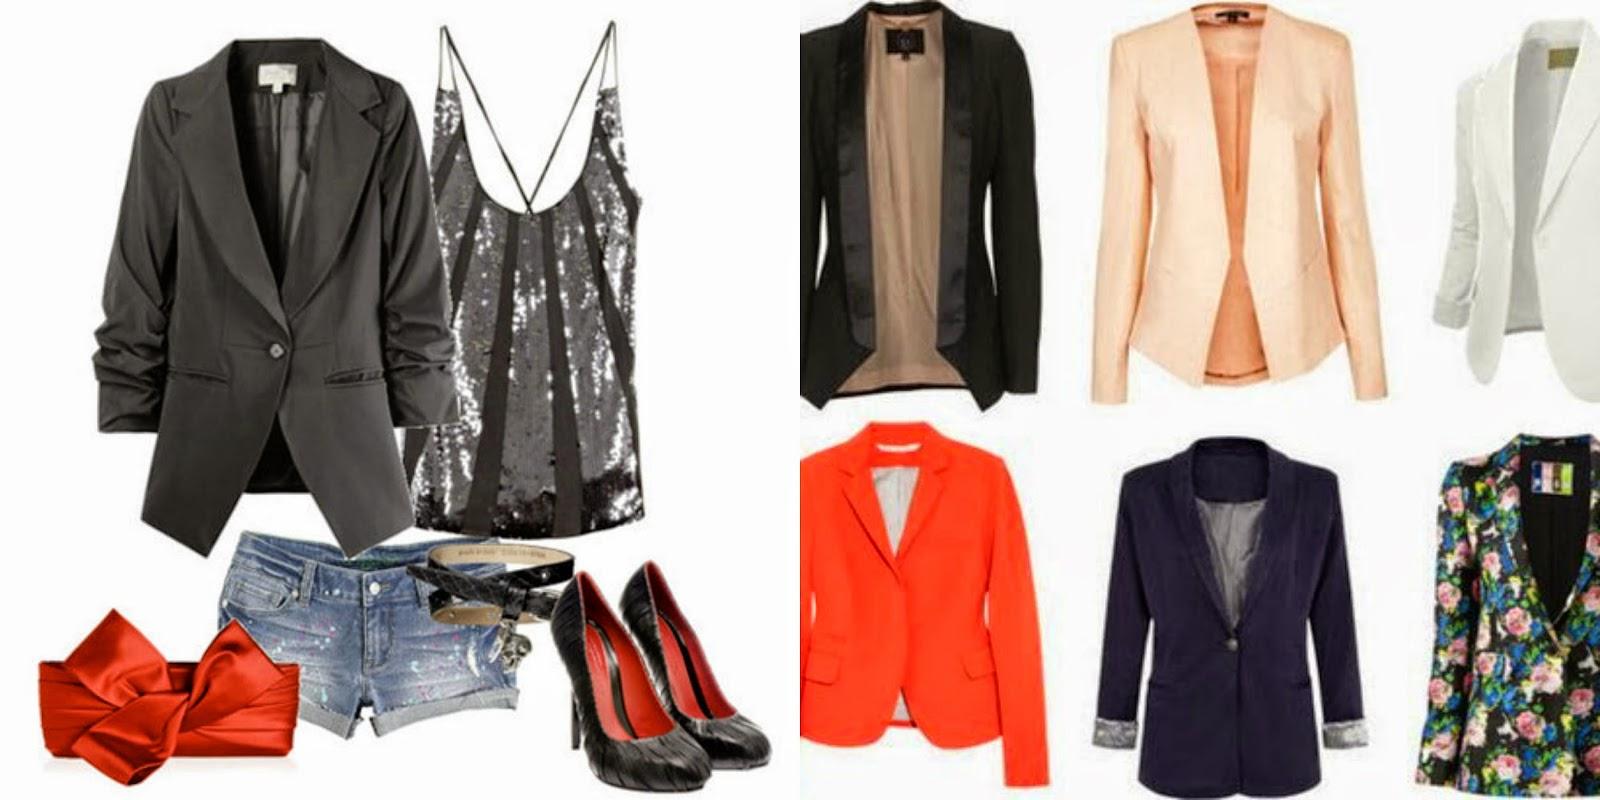 #blazer.#blazer para balada,#looks para balada,#looks para festa a noite,#night